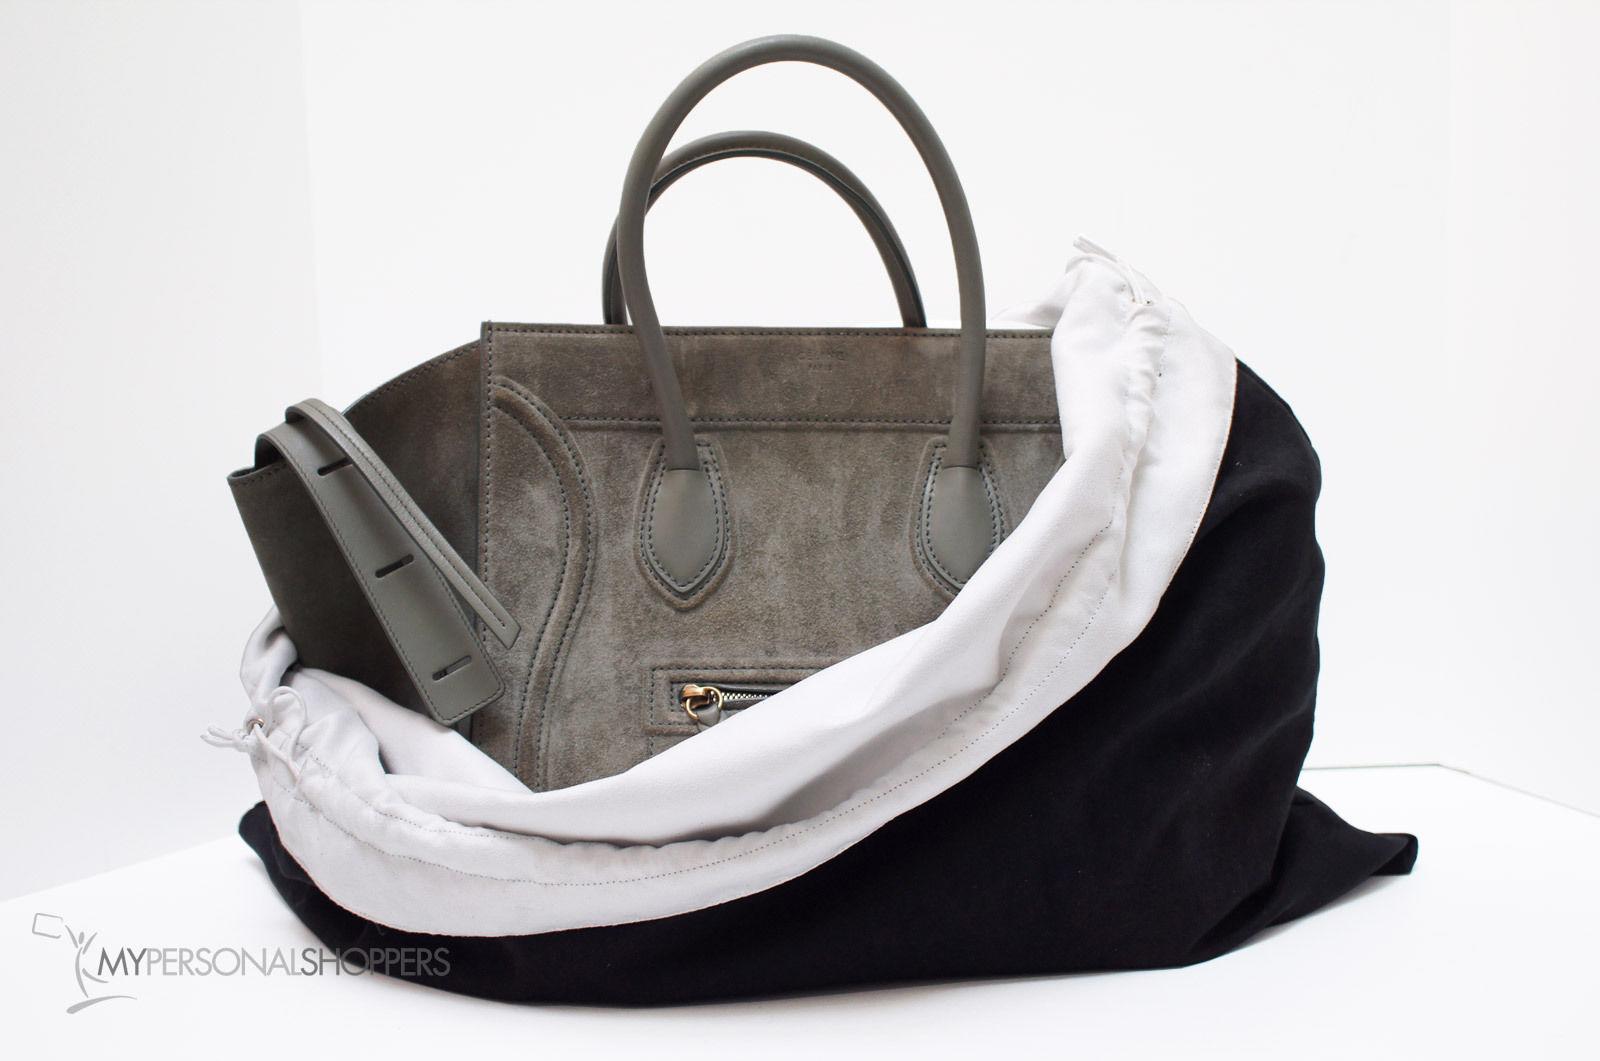 celine white leather shoulder bag with dust bag